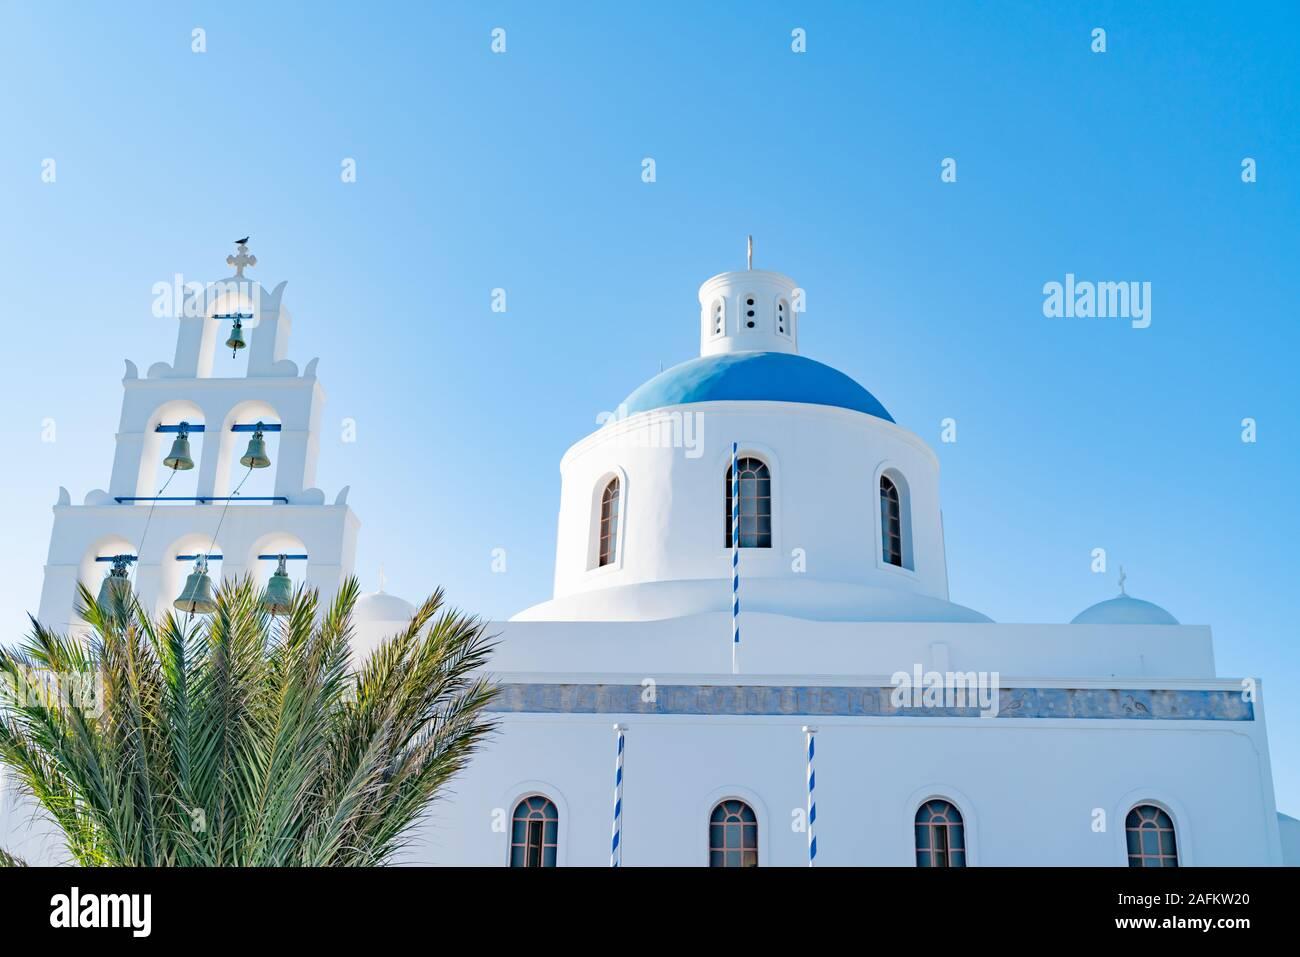 Oia Grecia - 7 agosto 2019; chiesa di Panagia con sei torre campanaria in Oia - Santorini in whitwashed muri esterni luminosa cupola blu. Foto Stock